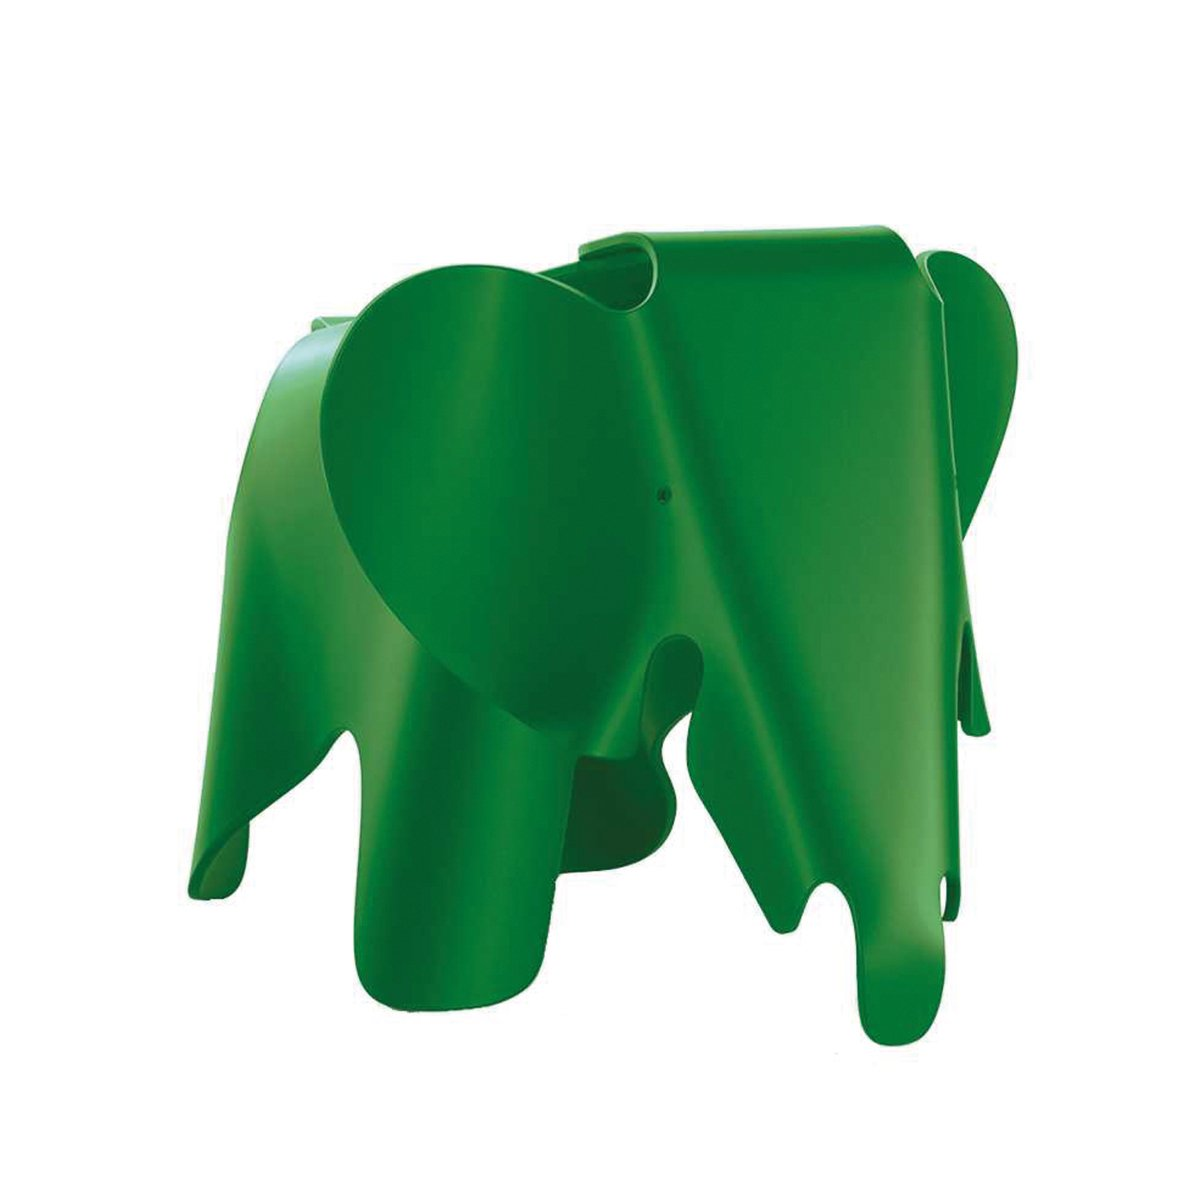 Vitra Eames Elephant Small Groen